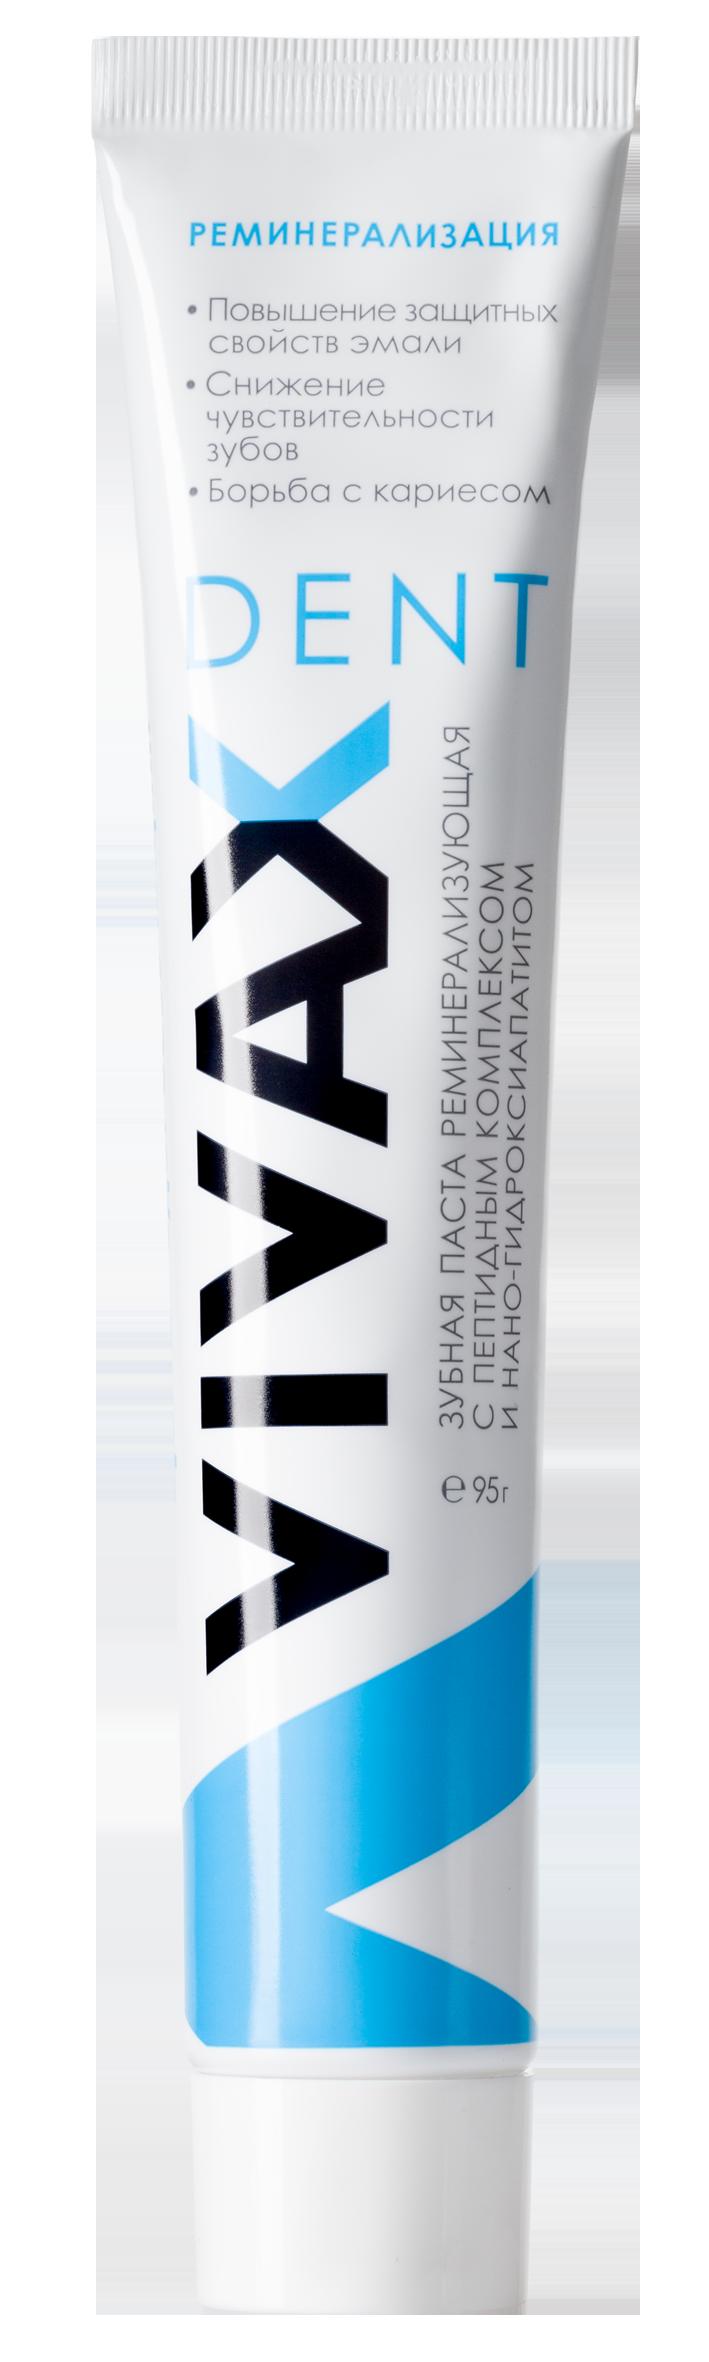 VIVAX Паста зубная реминерализующая / VIVAX Dent 95мл